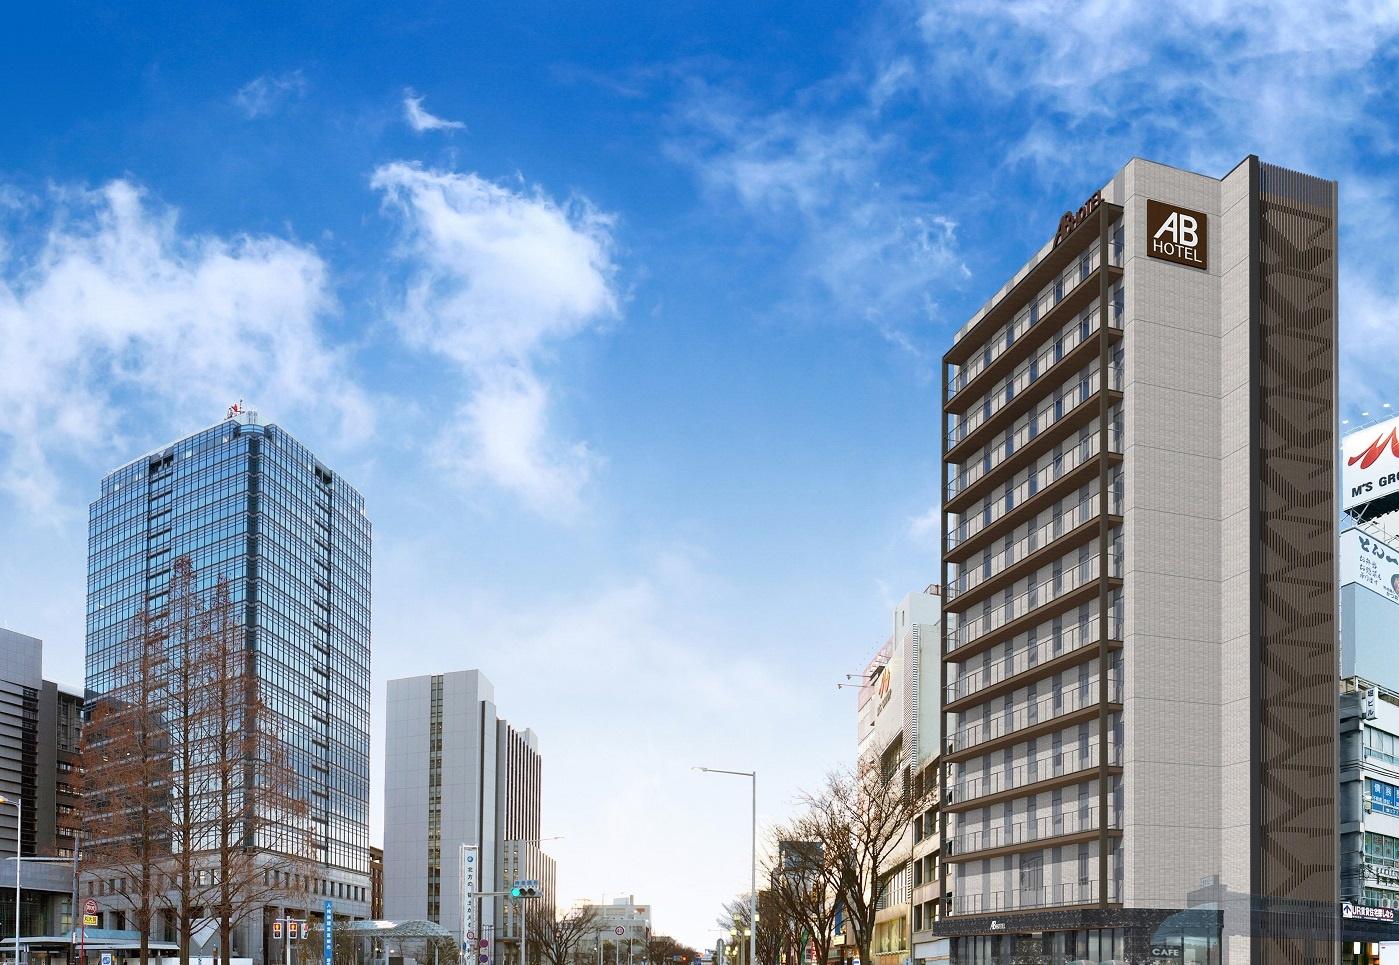 ABホテル堺東